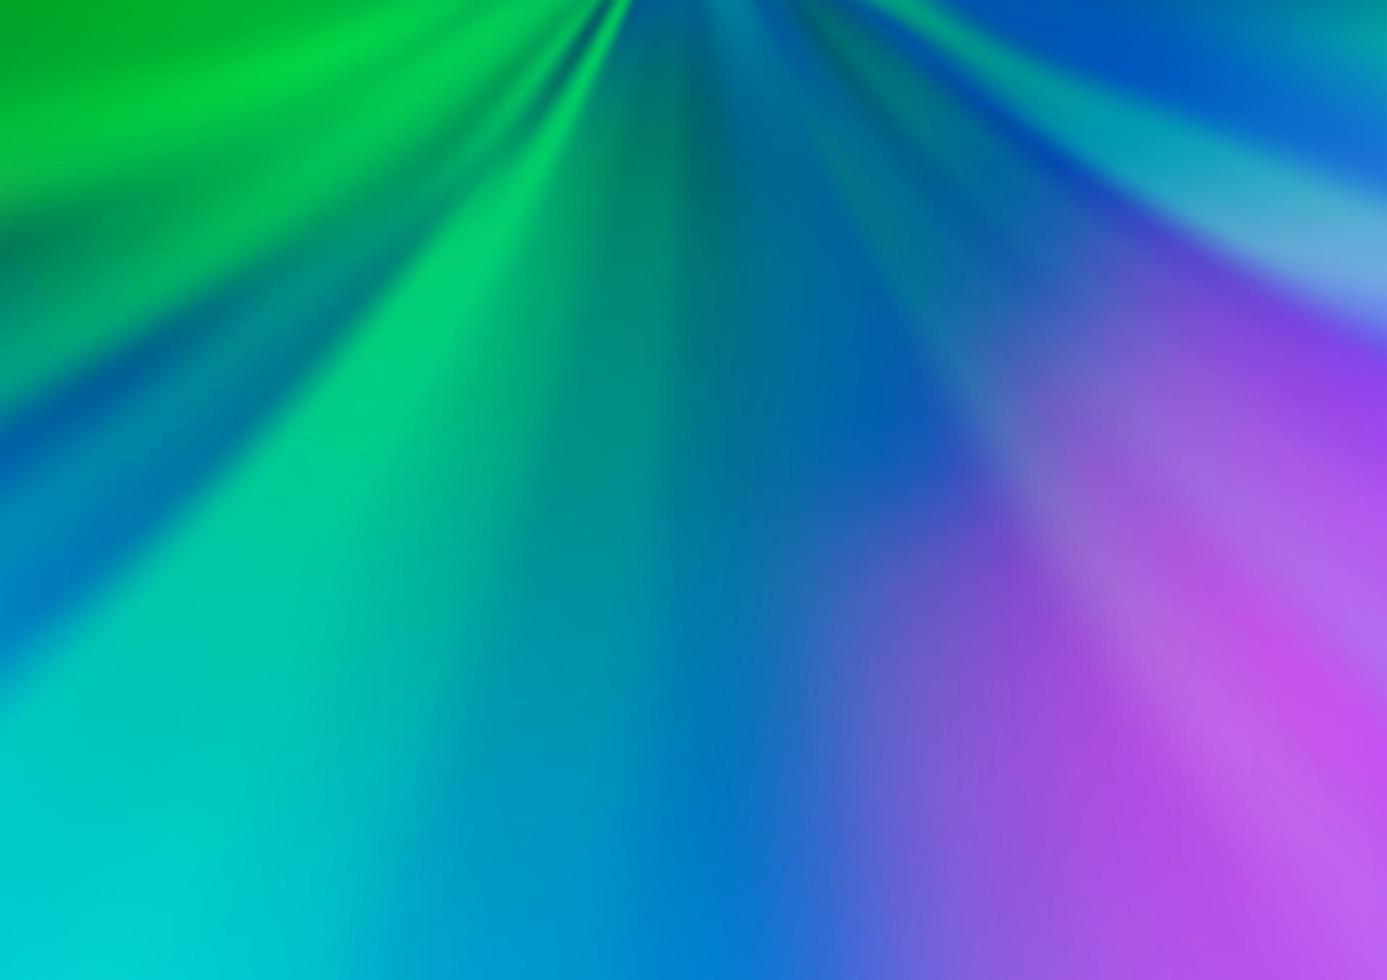 luz multicolor, padrão de bokeh moderno de vetor de arco-íris.